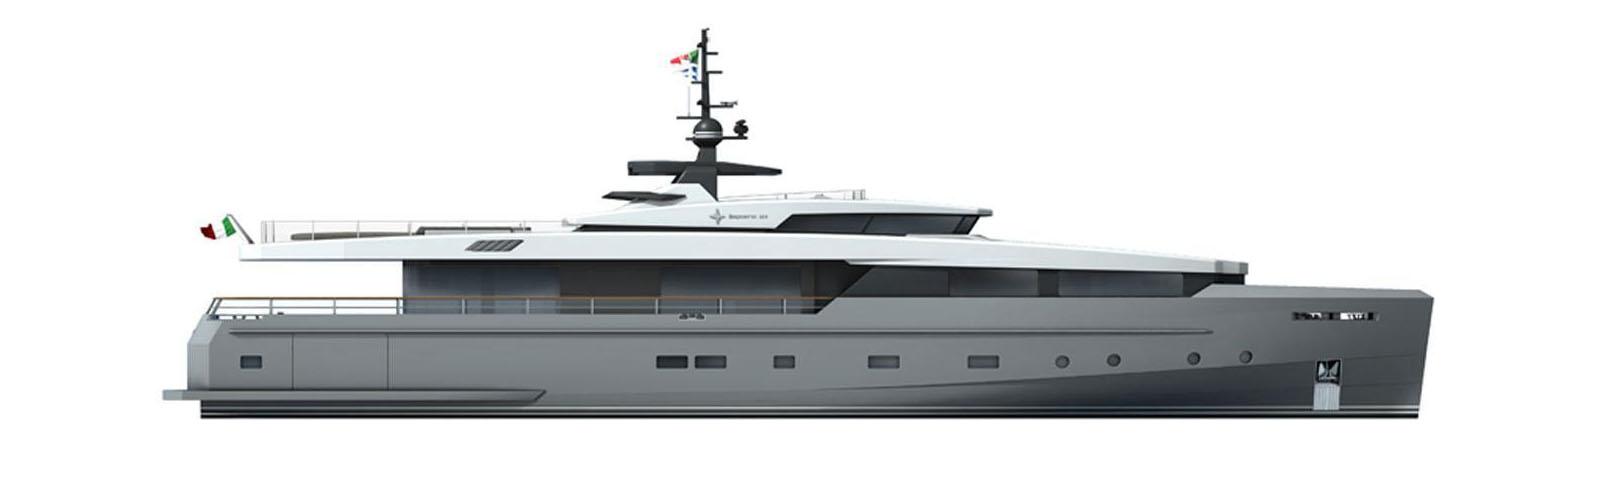 jedi-deck-plan-profile-h.jpg